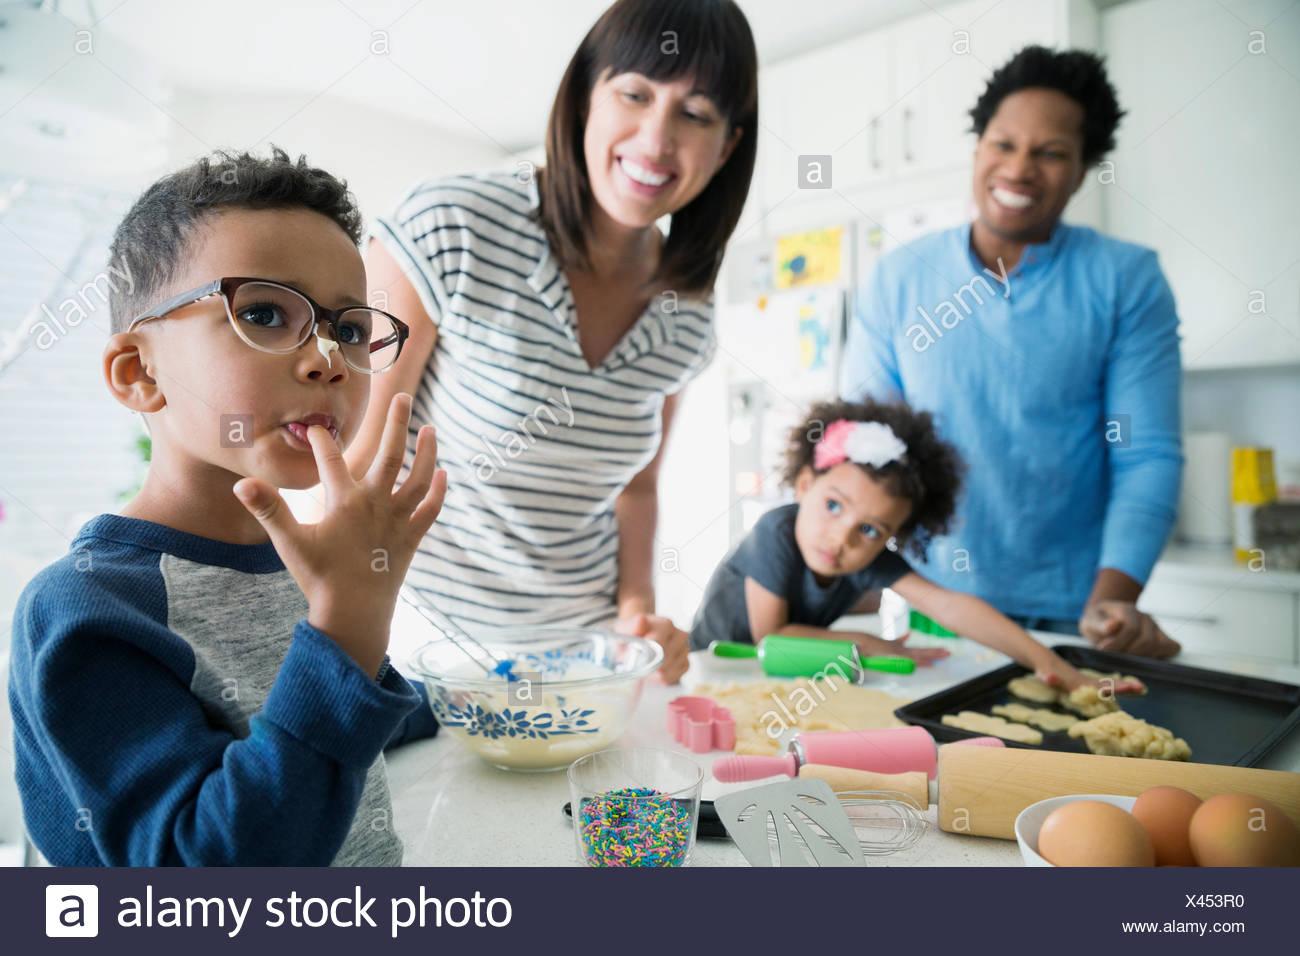 Junge mit Cookie-Teig auf Nase lecken finger Stockbild